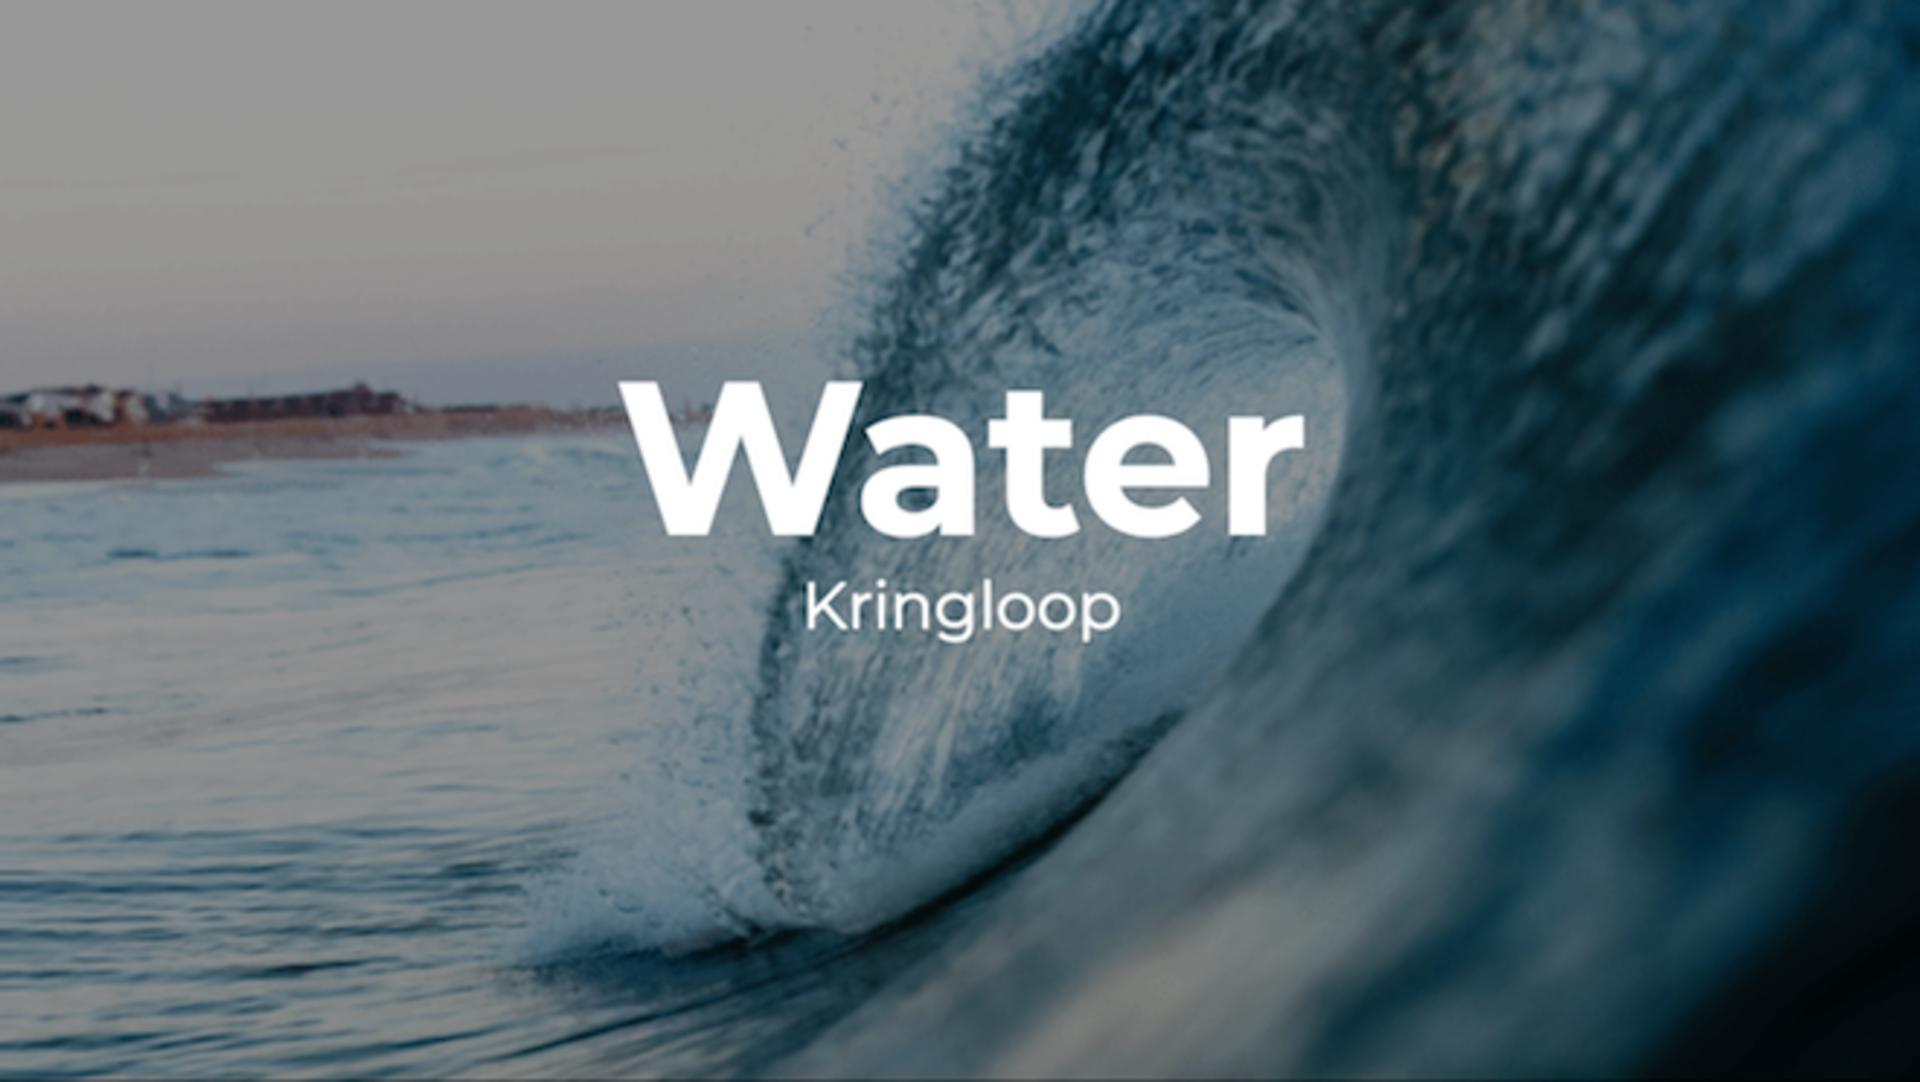 les waterkringloop